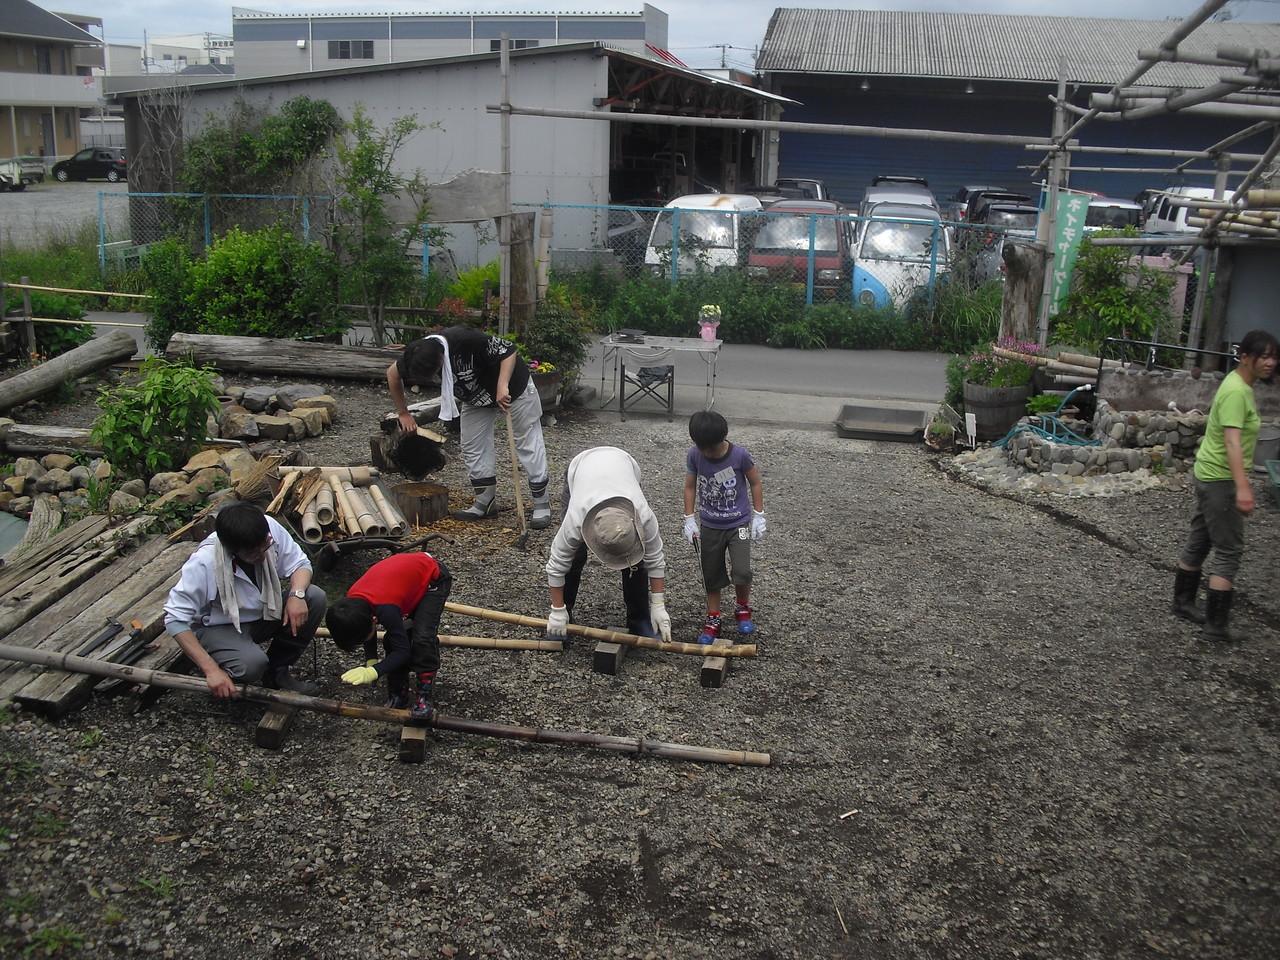 のこぎりを初めて使ったというお友達も、上手に竹を切ってくれていました。